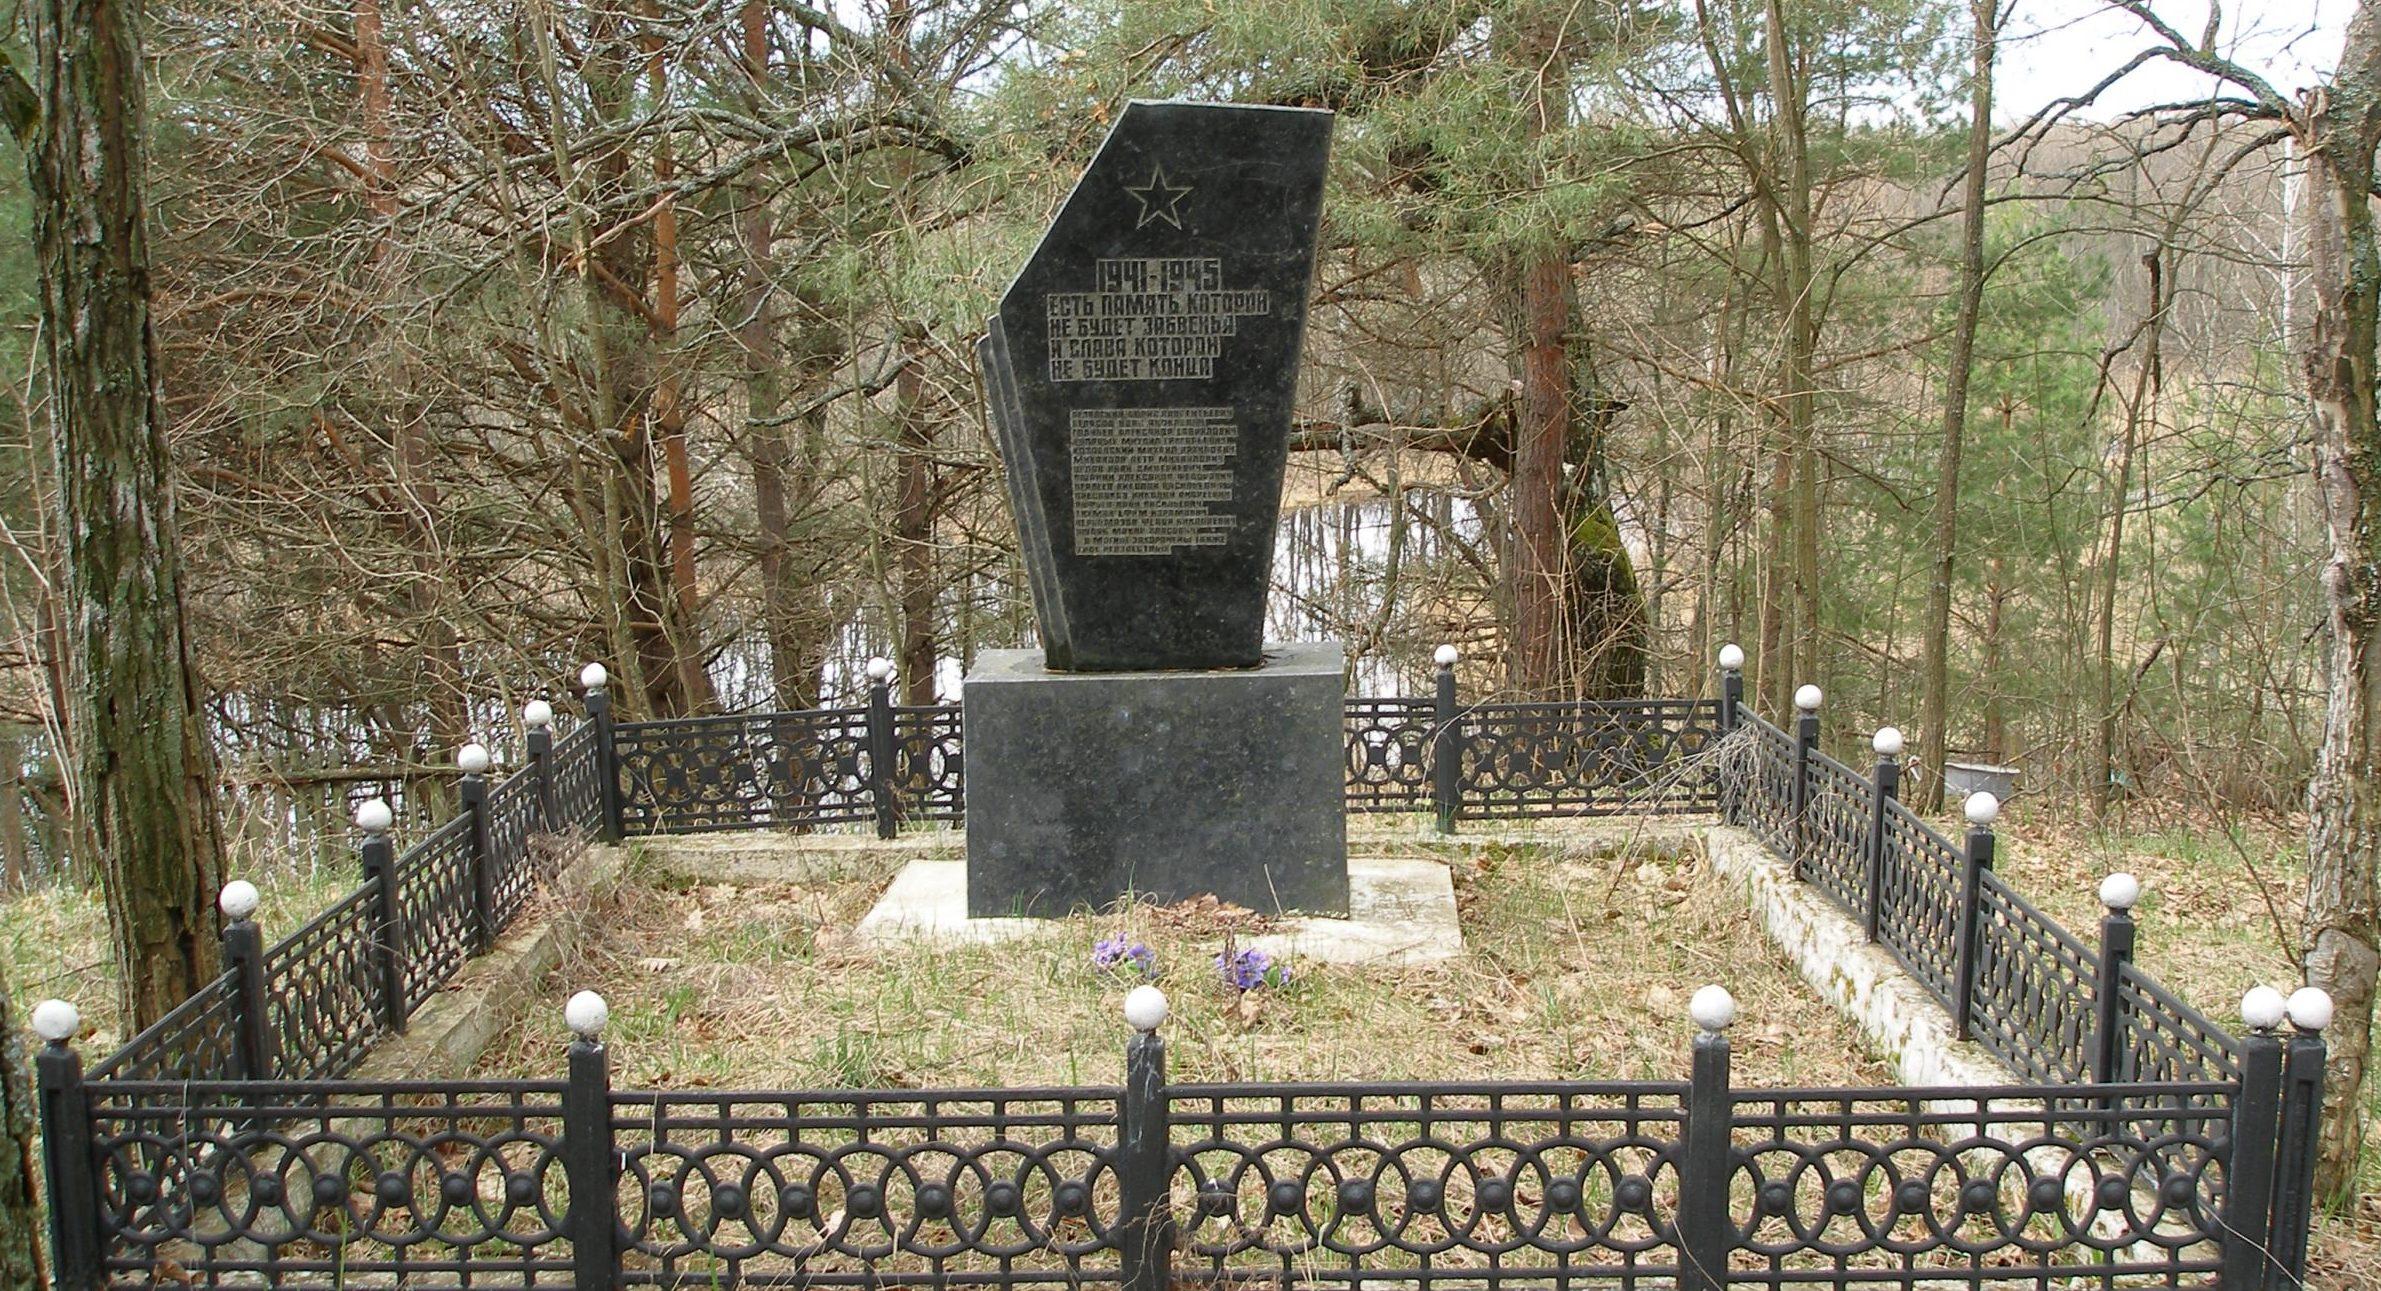 с. Кошовка, Чернобыльская зона отчуждения. Братская могила погибших воинов.